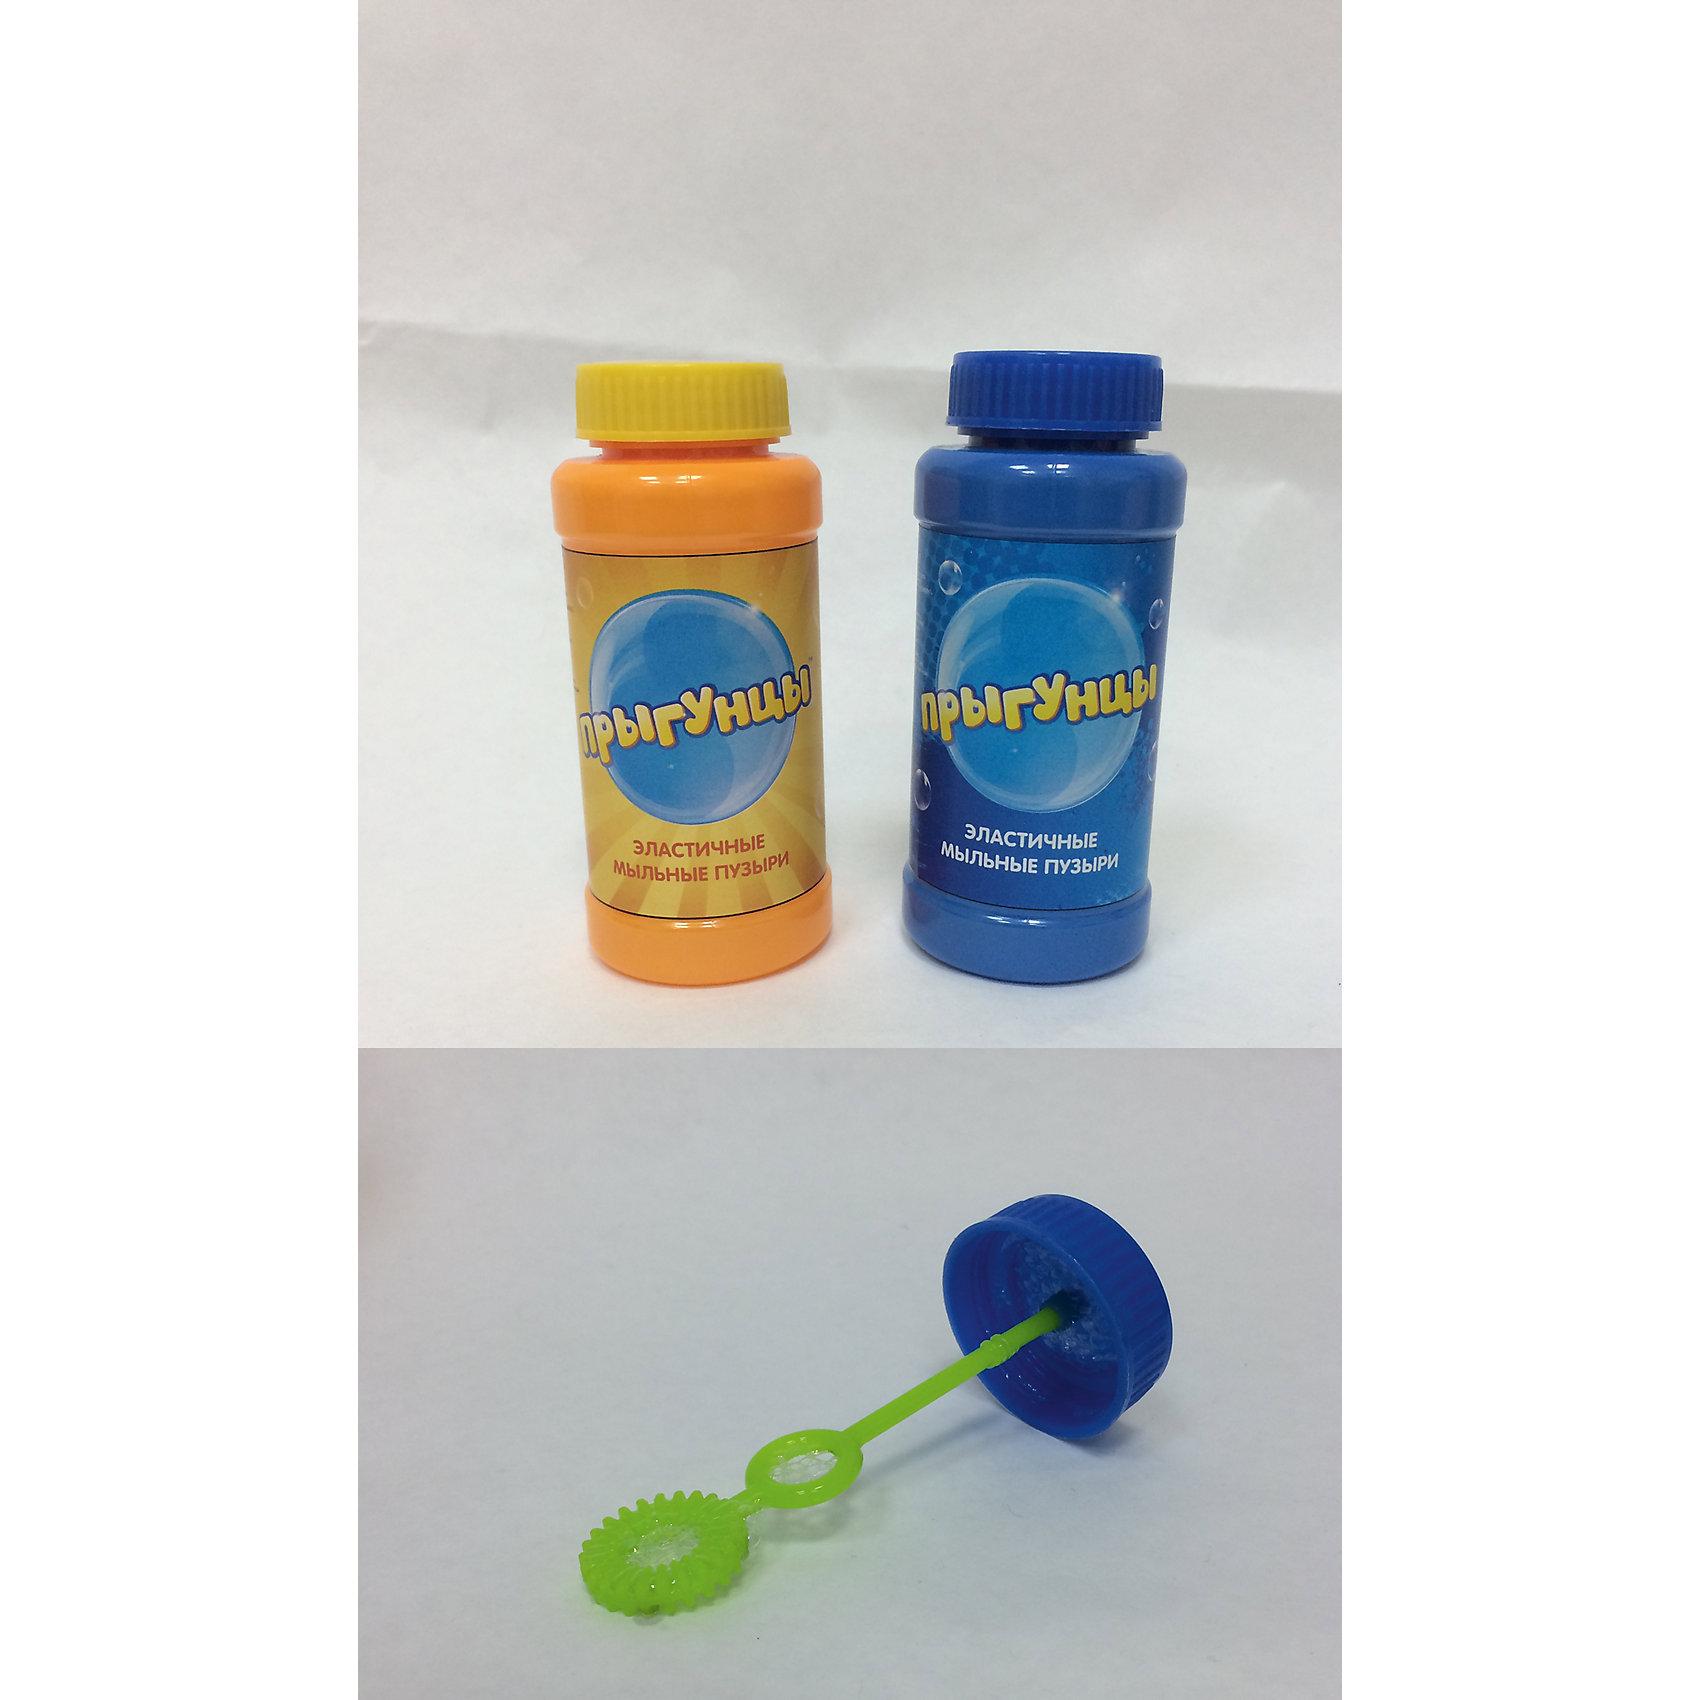 Прыгунцы, эластичные мыльные пузыри, бутылка 100мл., 1toy